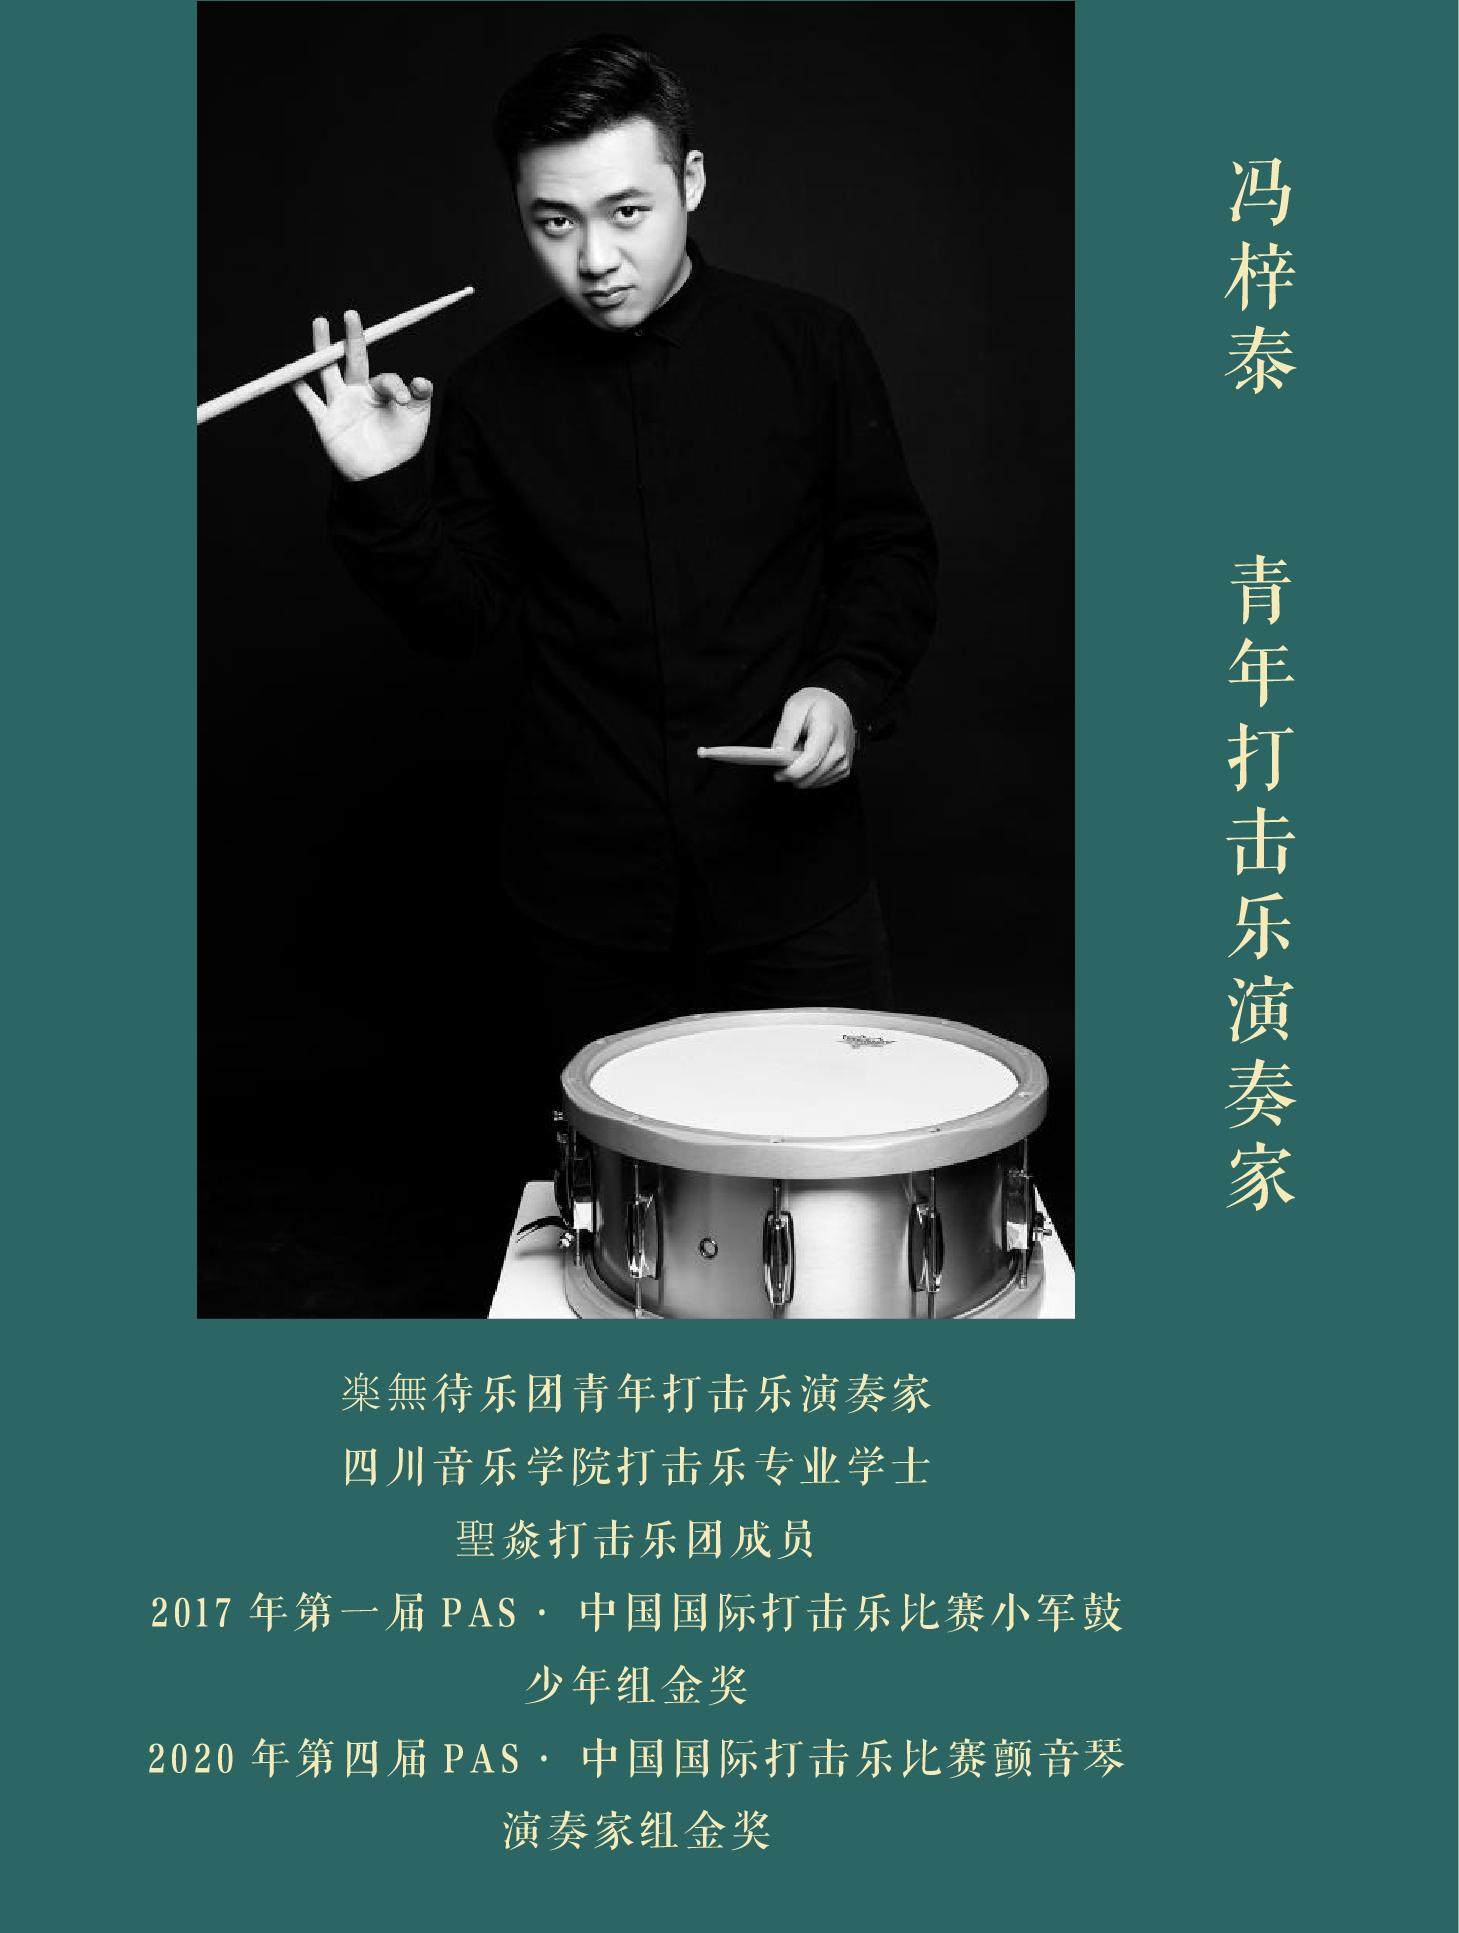 2021国乐当潮《缘启•缘齐》中西跨界经典室内视听音乐会-海口站